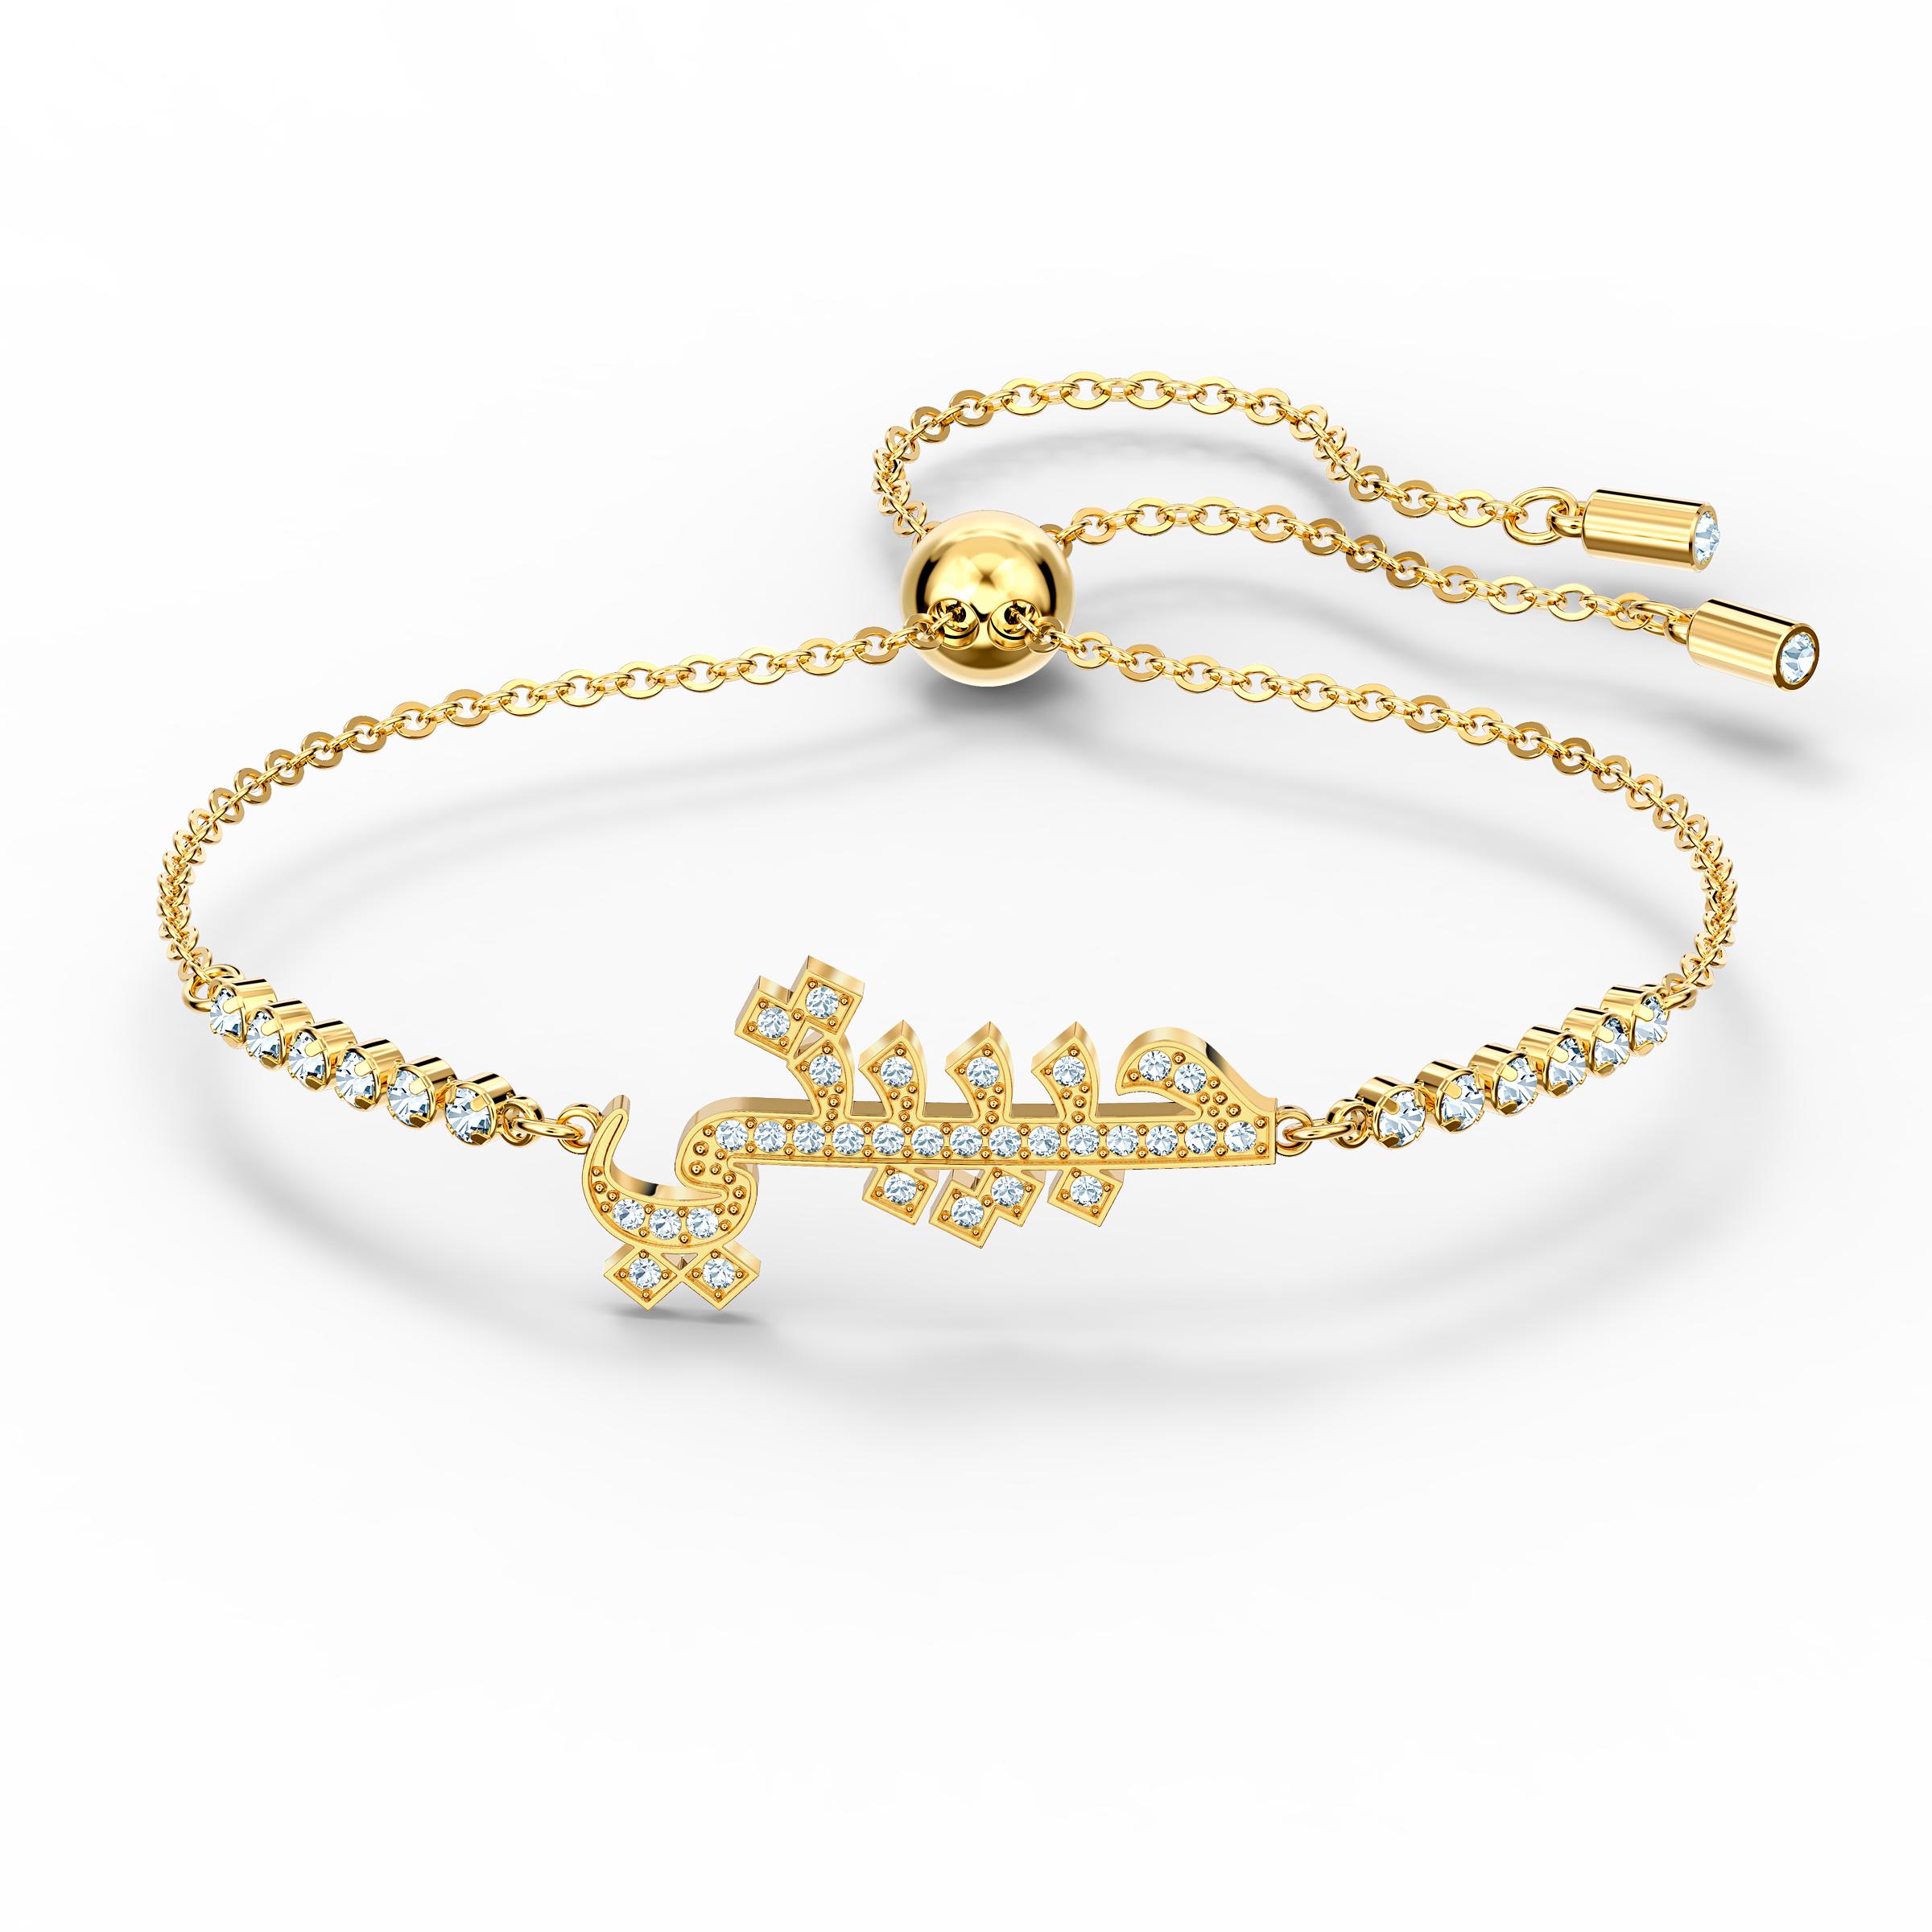 إسورة الحب من مجموعة سواروفسكيSymbolic، بيضاء اللون، مطلية باللون الذهبي